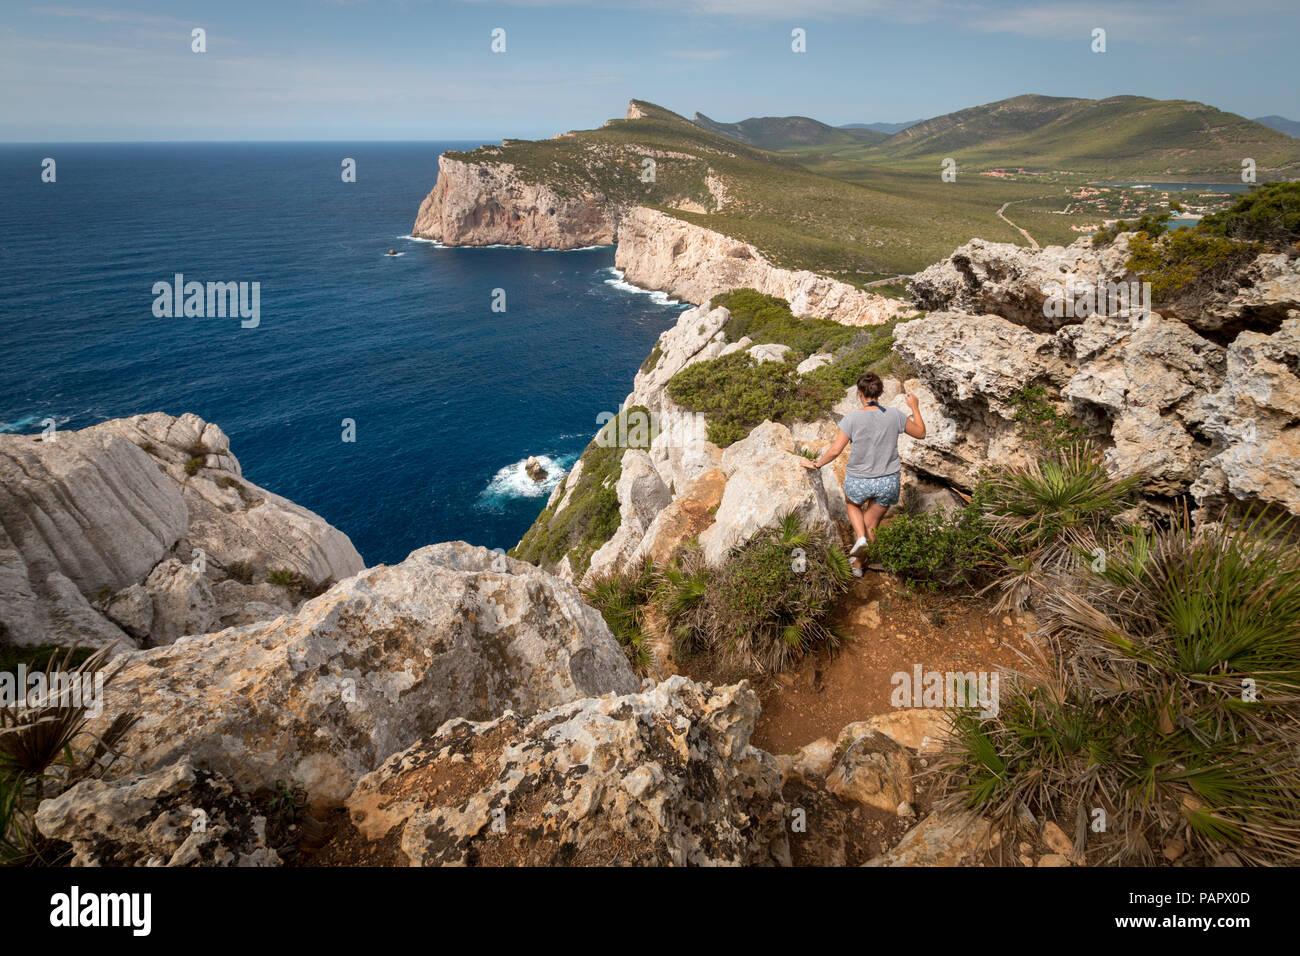 Donna escursioni nel paesaggio visto dalla Grotta dei vasi rotti accanto a Capo Caccia sull'isola italiana di Sardegna Immagini Stock